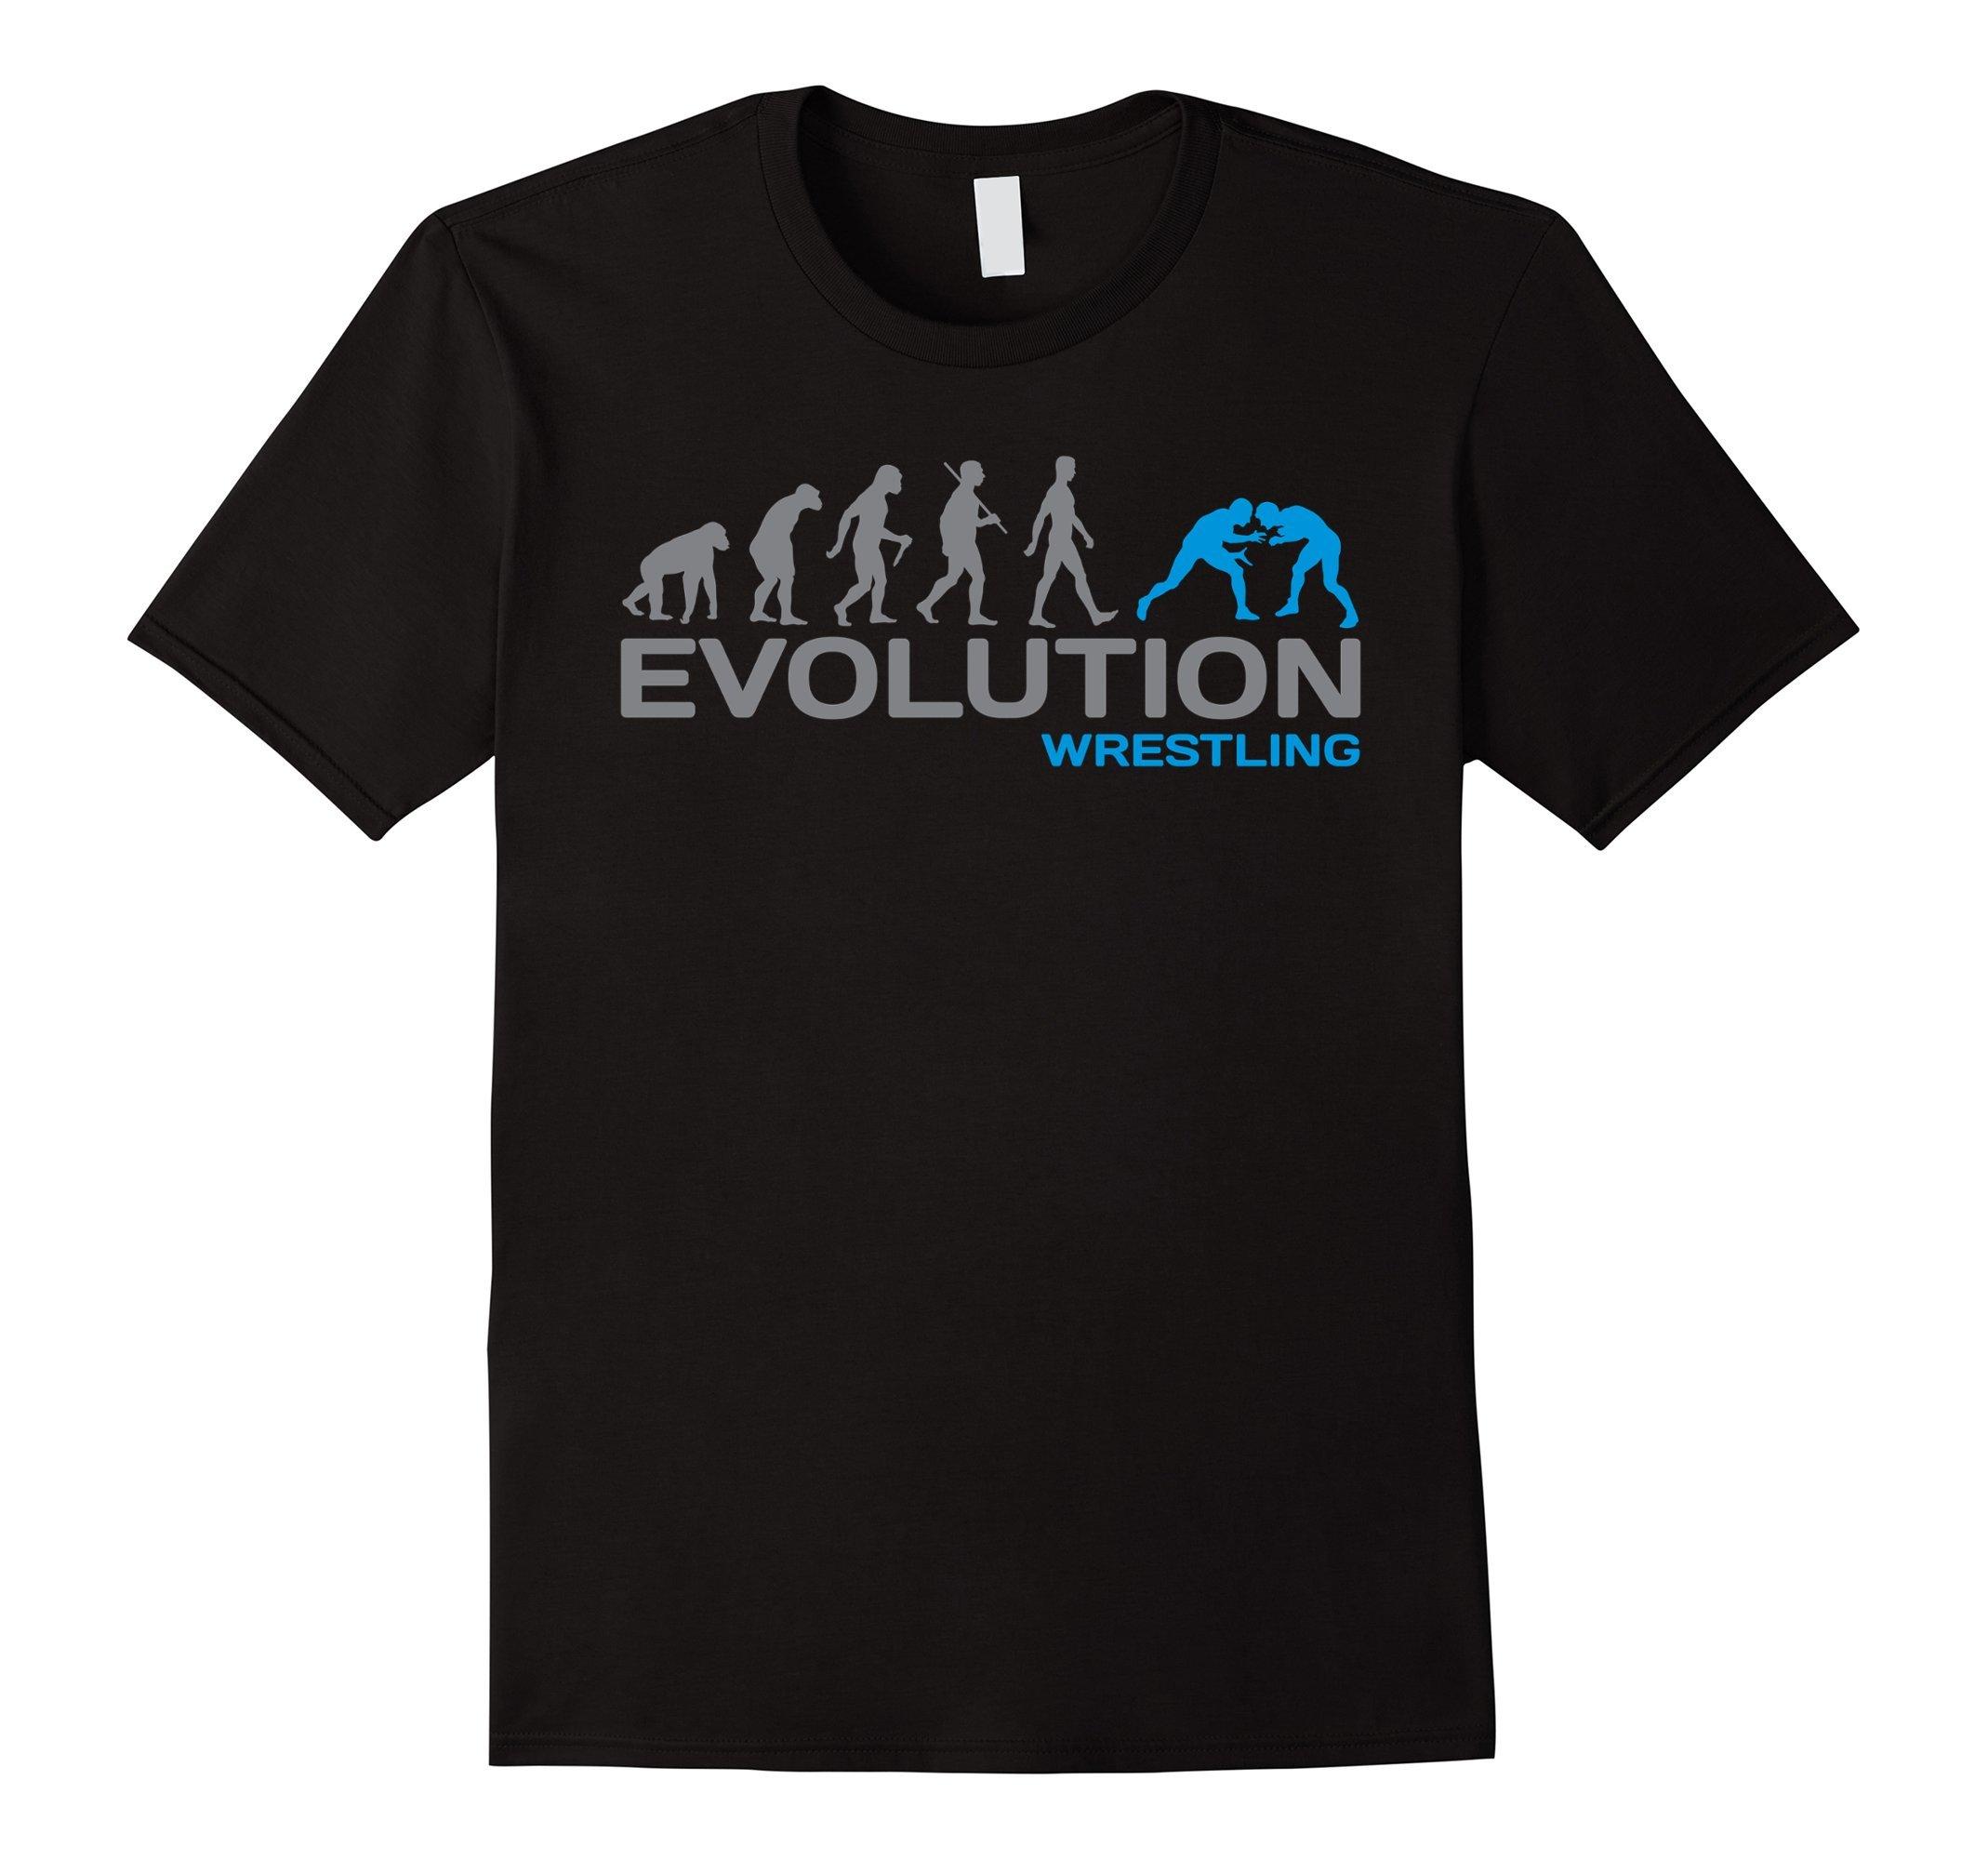 Mens Evolution WRESTLING wrestle wrestler combat sport t-shirt Medium Black by davesdisco